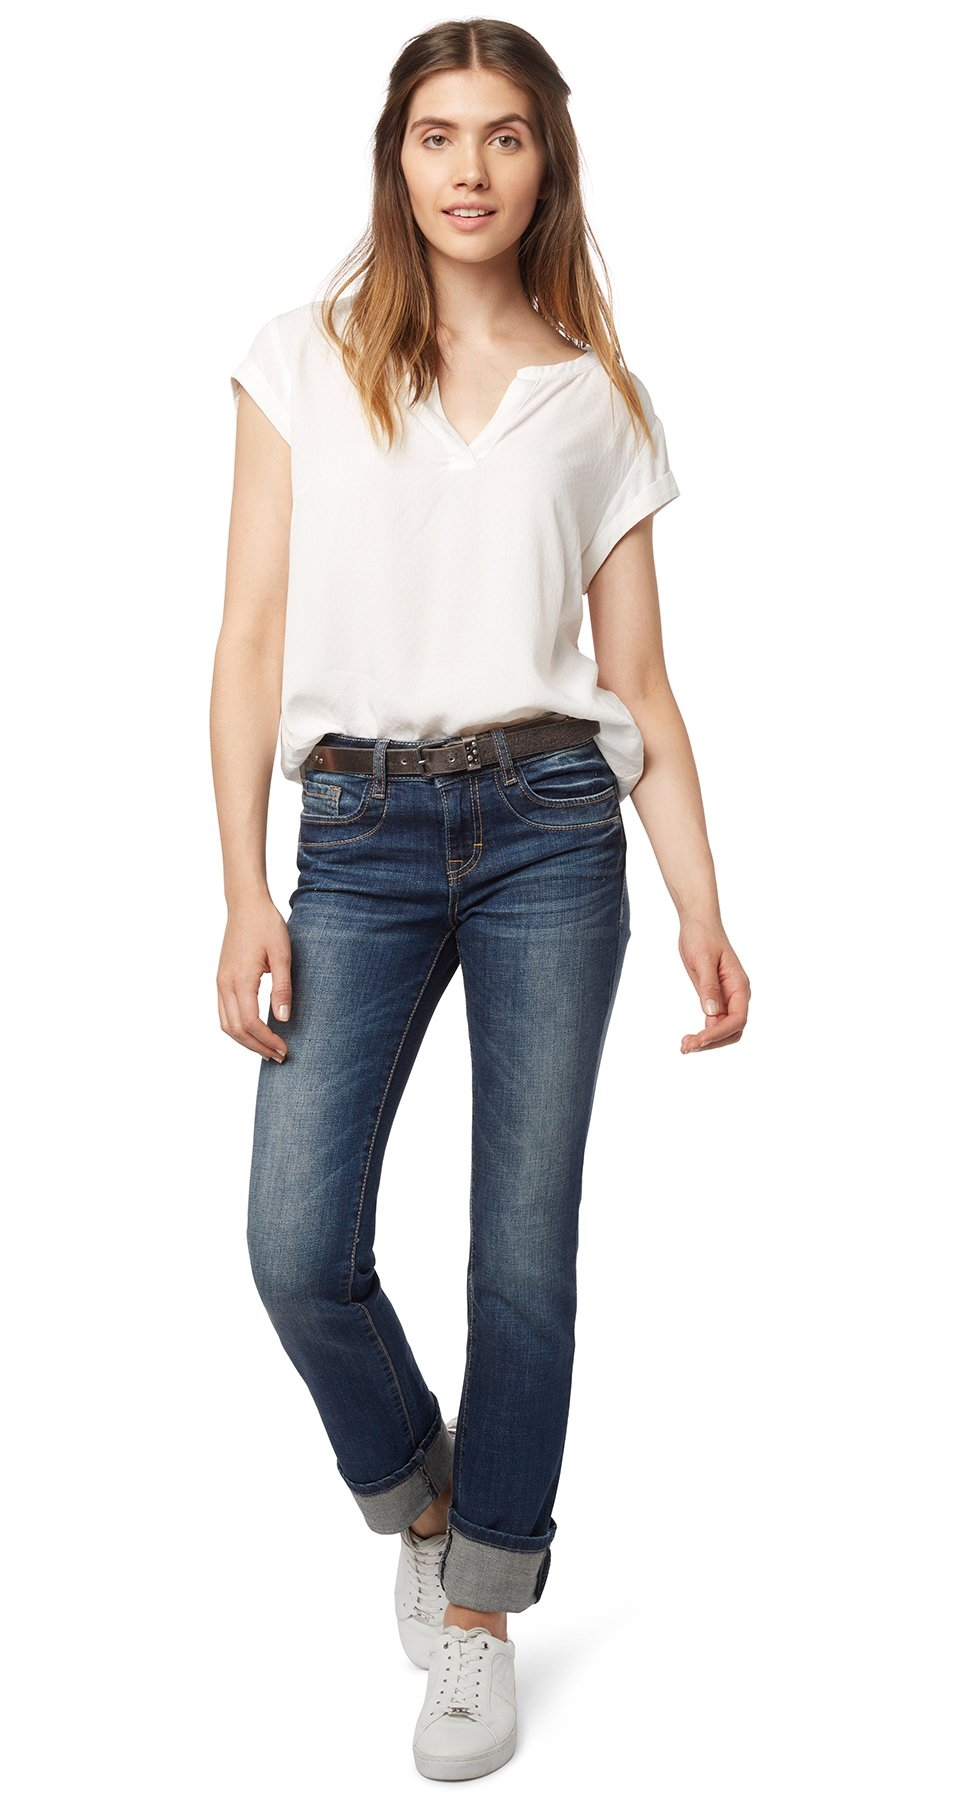 TOM TAILOR Jeans »jeans met riem« bestellen: 14 dagen bedenktijd